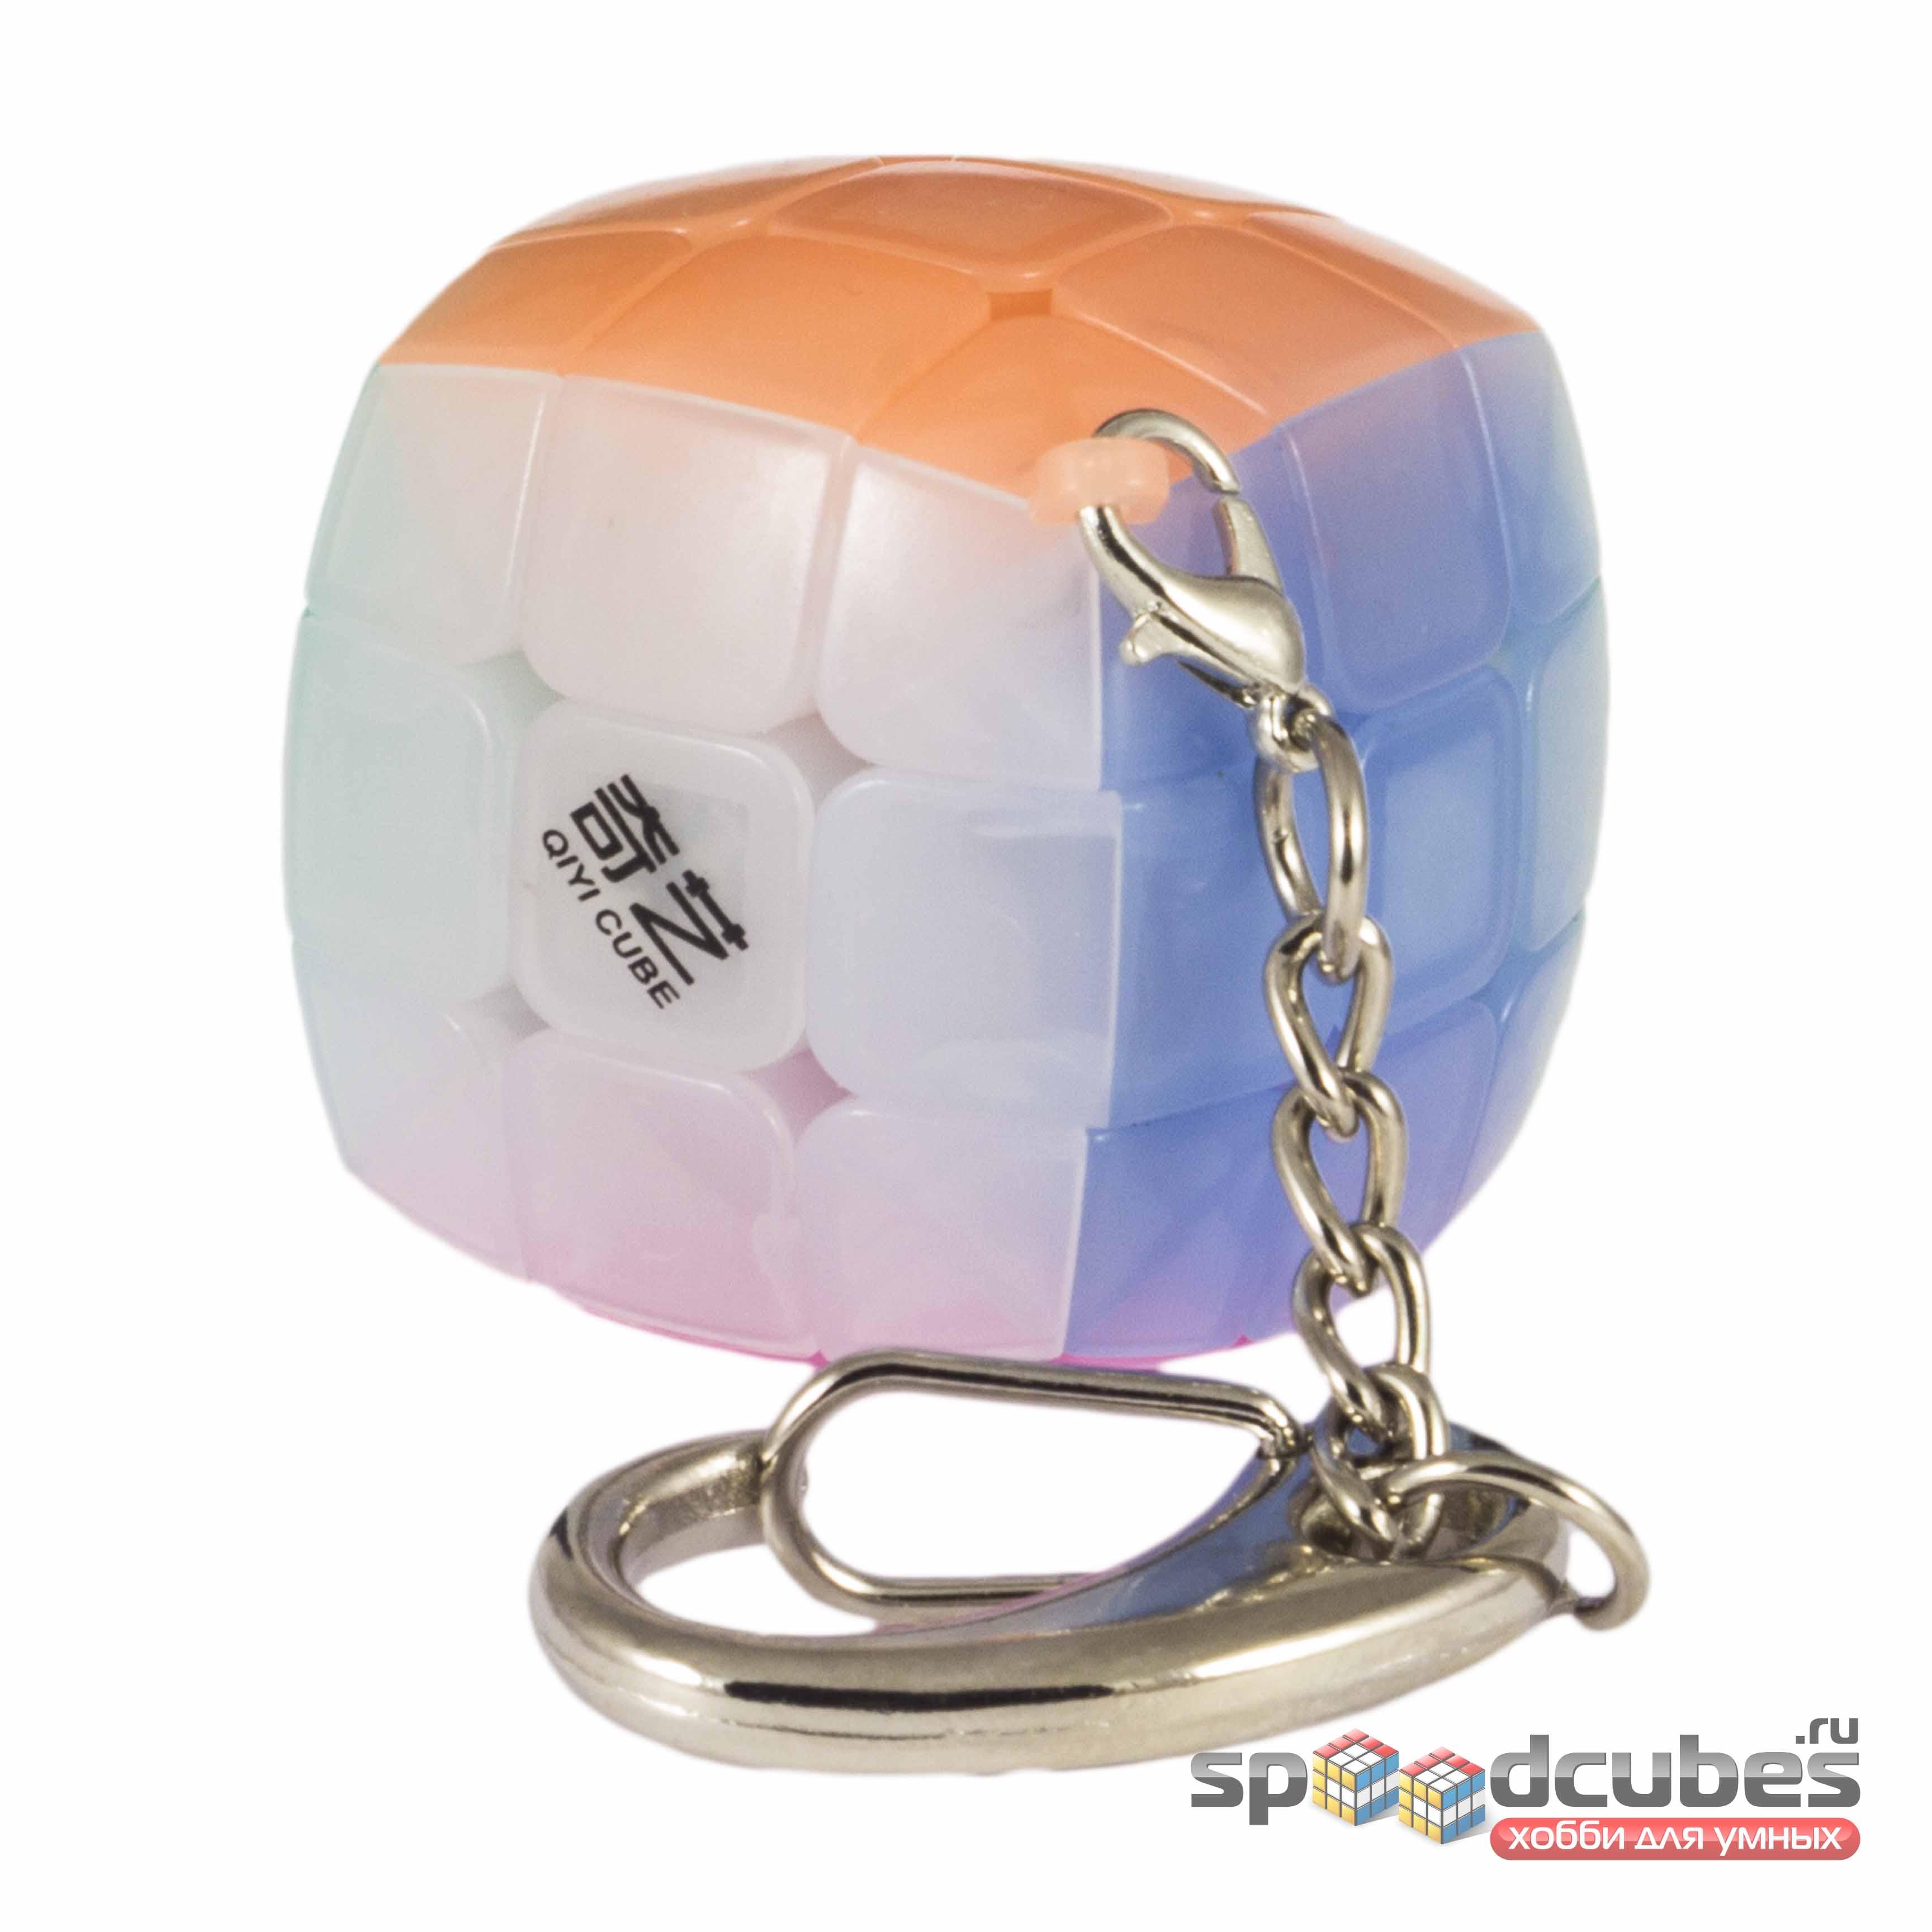 QiYi (MoFangGe) Jelly 3x3x3 30 Mm брелок